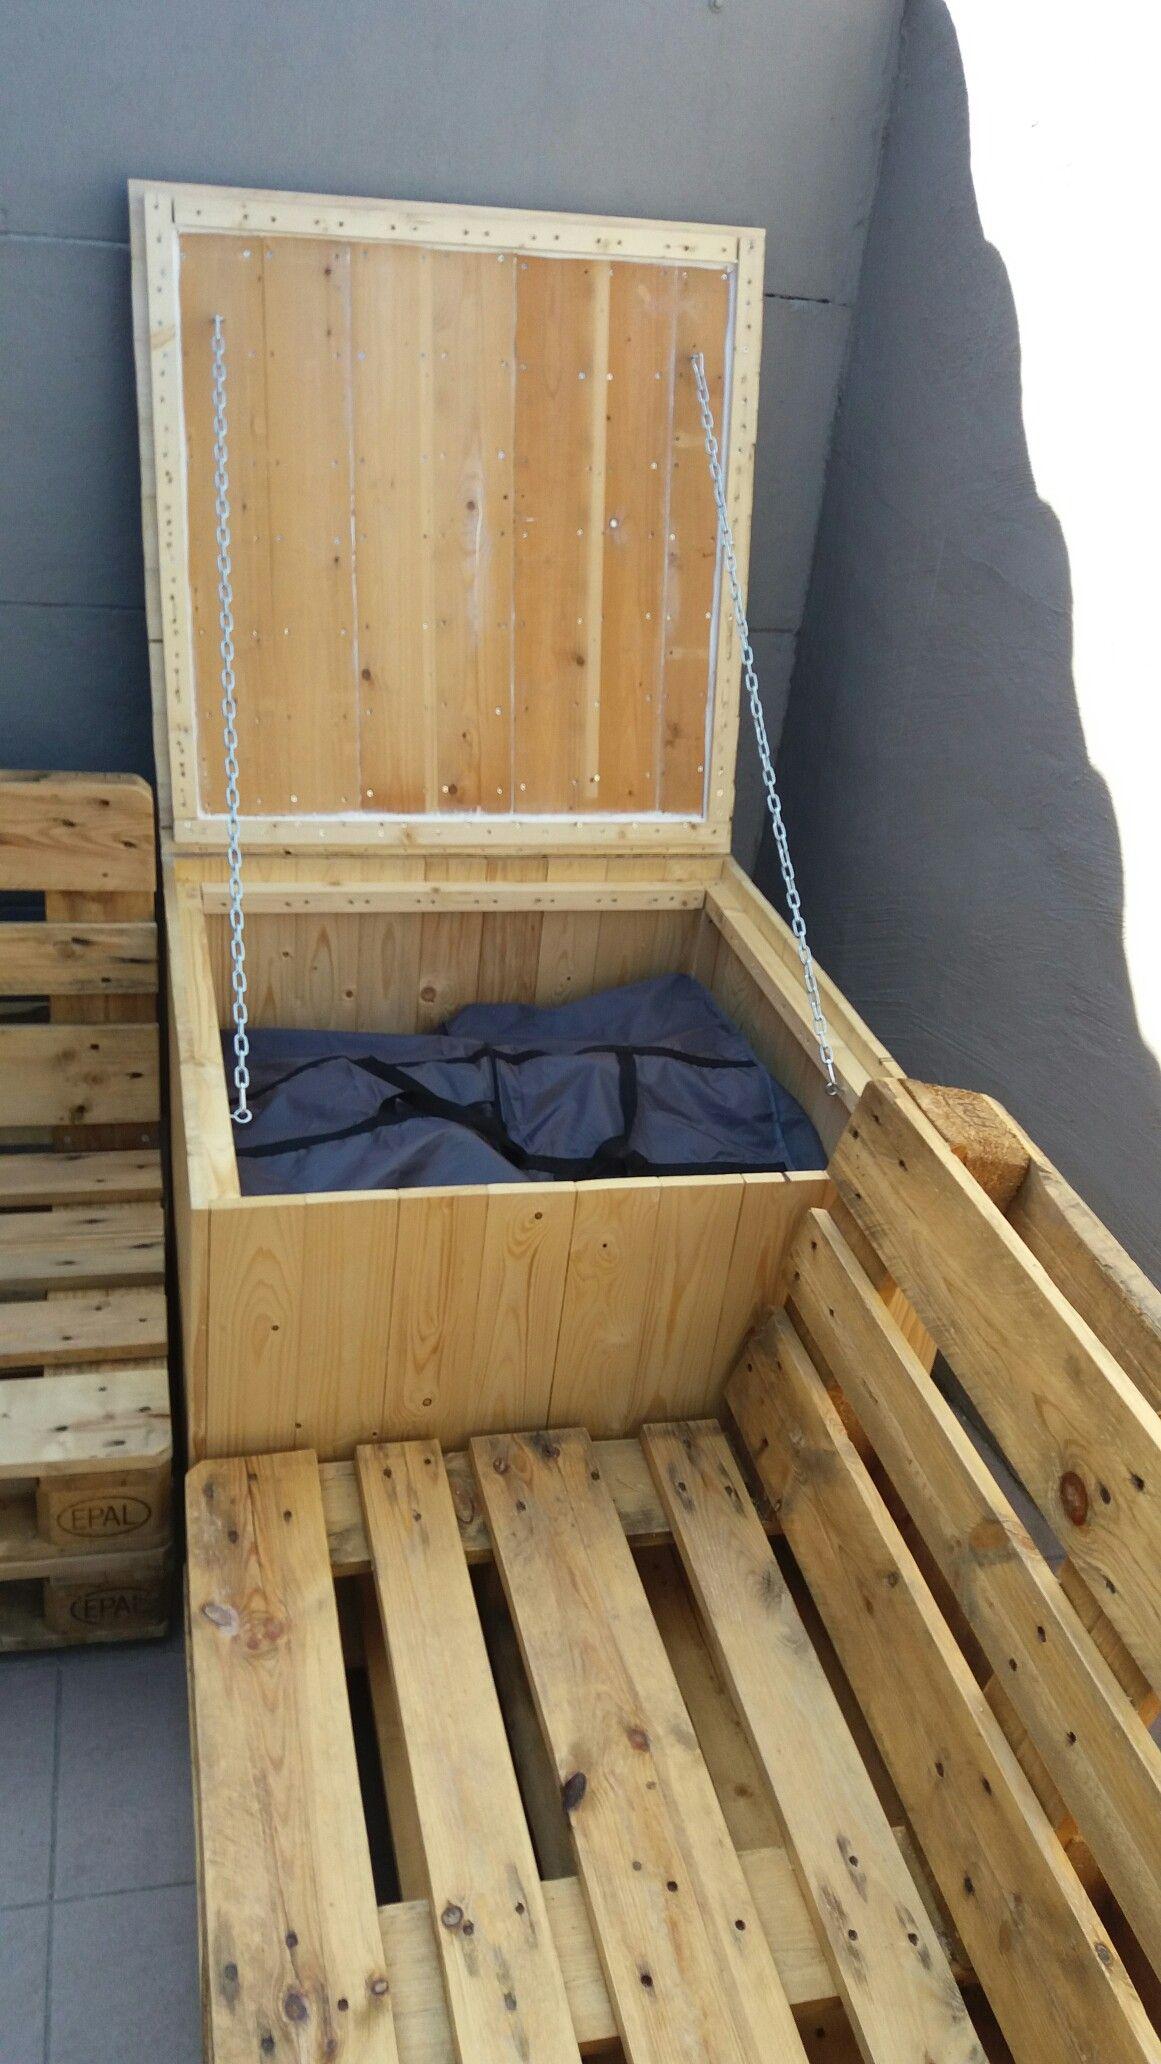 Opbergbox Met Waterdichte Zak Voor Kussens